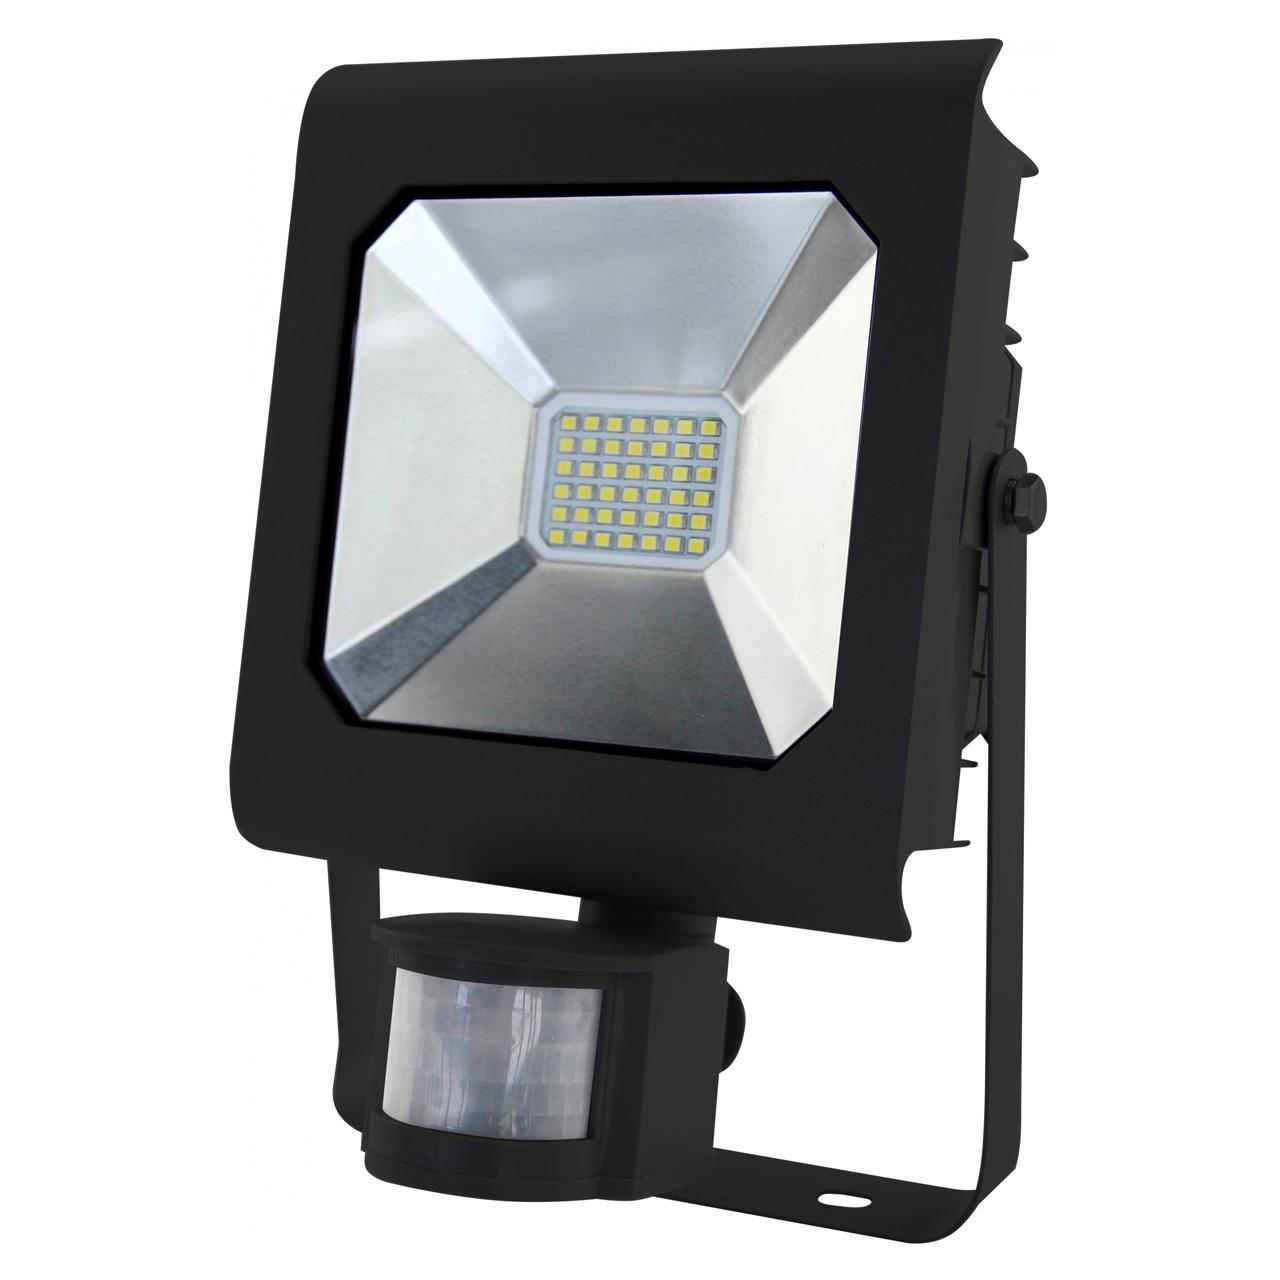 Прожектор Эра LPR-30-6500K-M-SEN SMD PRO, 30 Вт